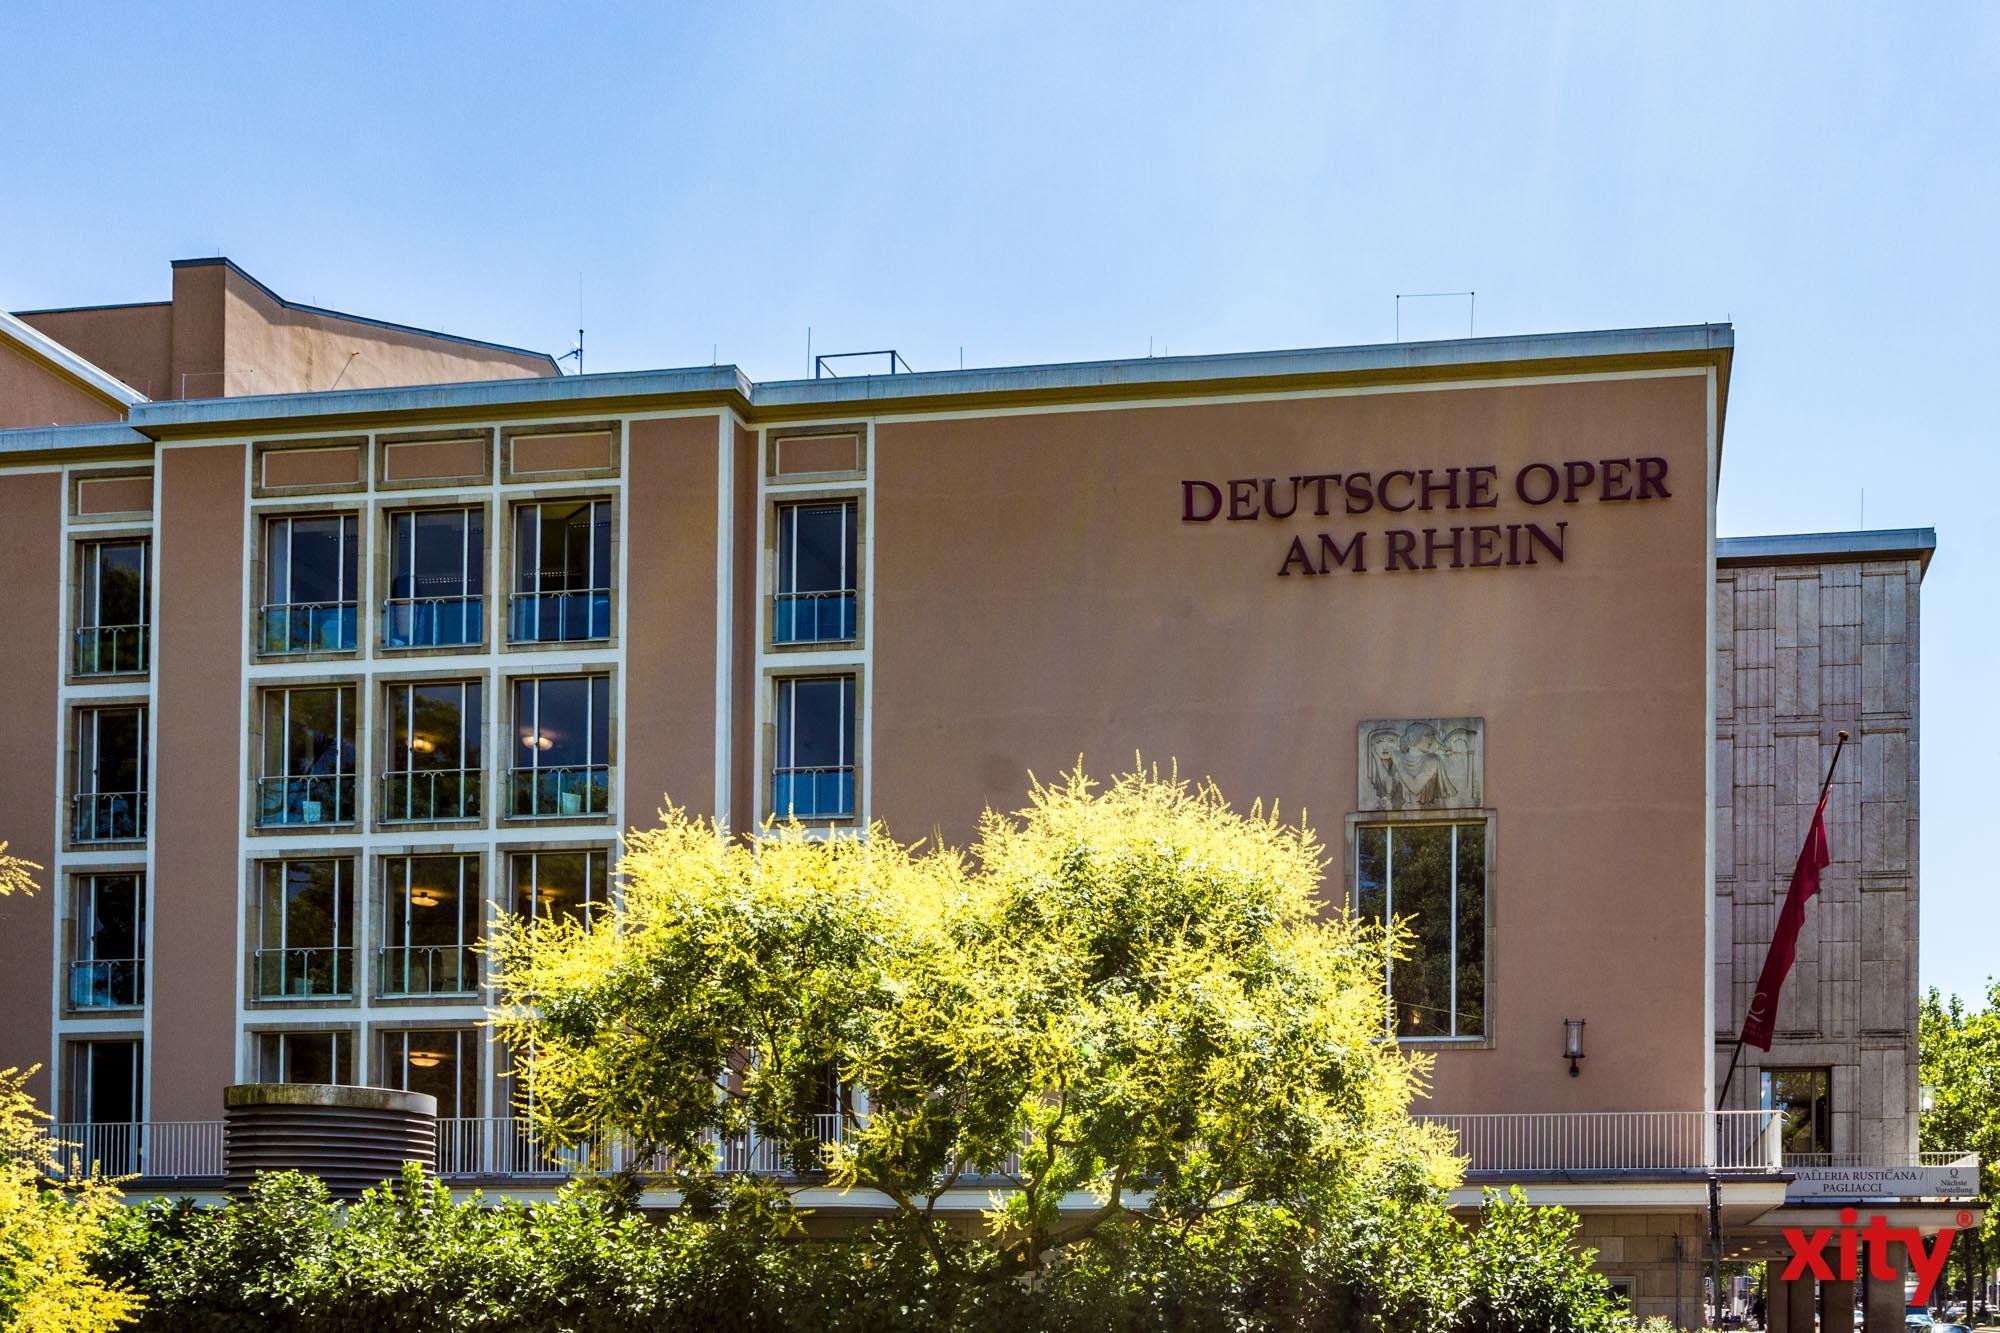 Das Dach des Foyers im Düsseldorfer Opernhaus muss dringend saniert werden (Foto: xity)